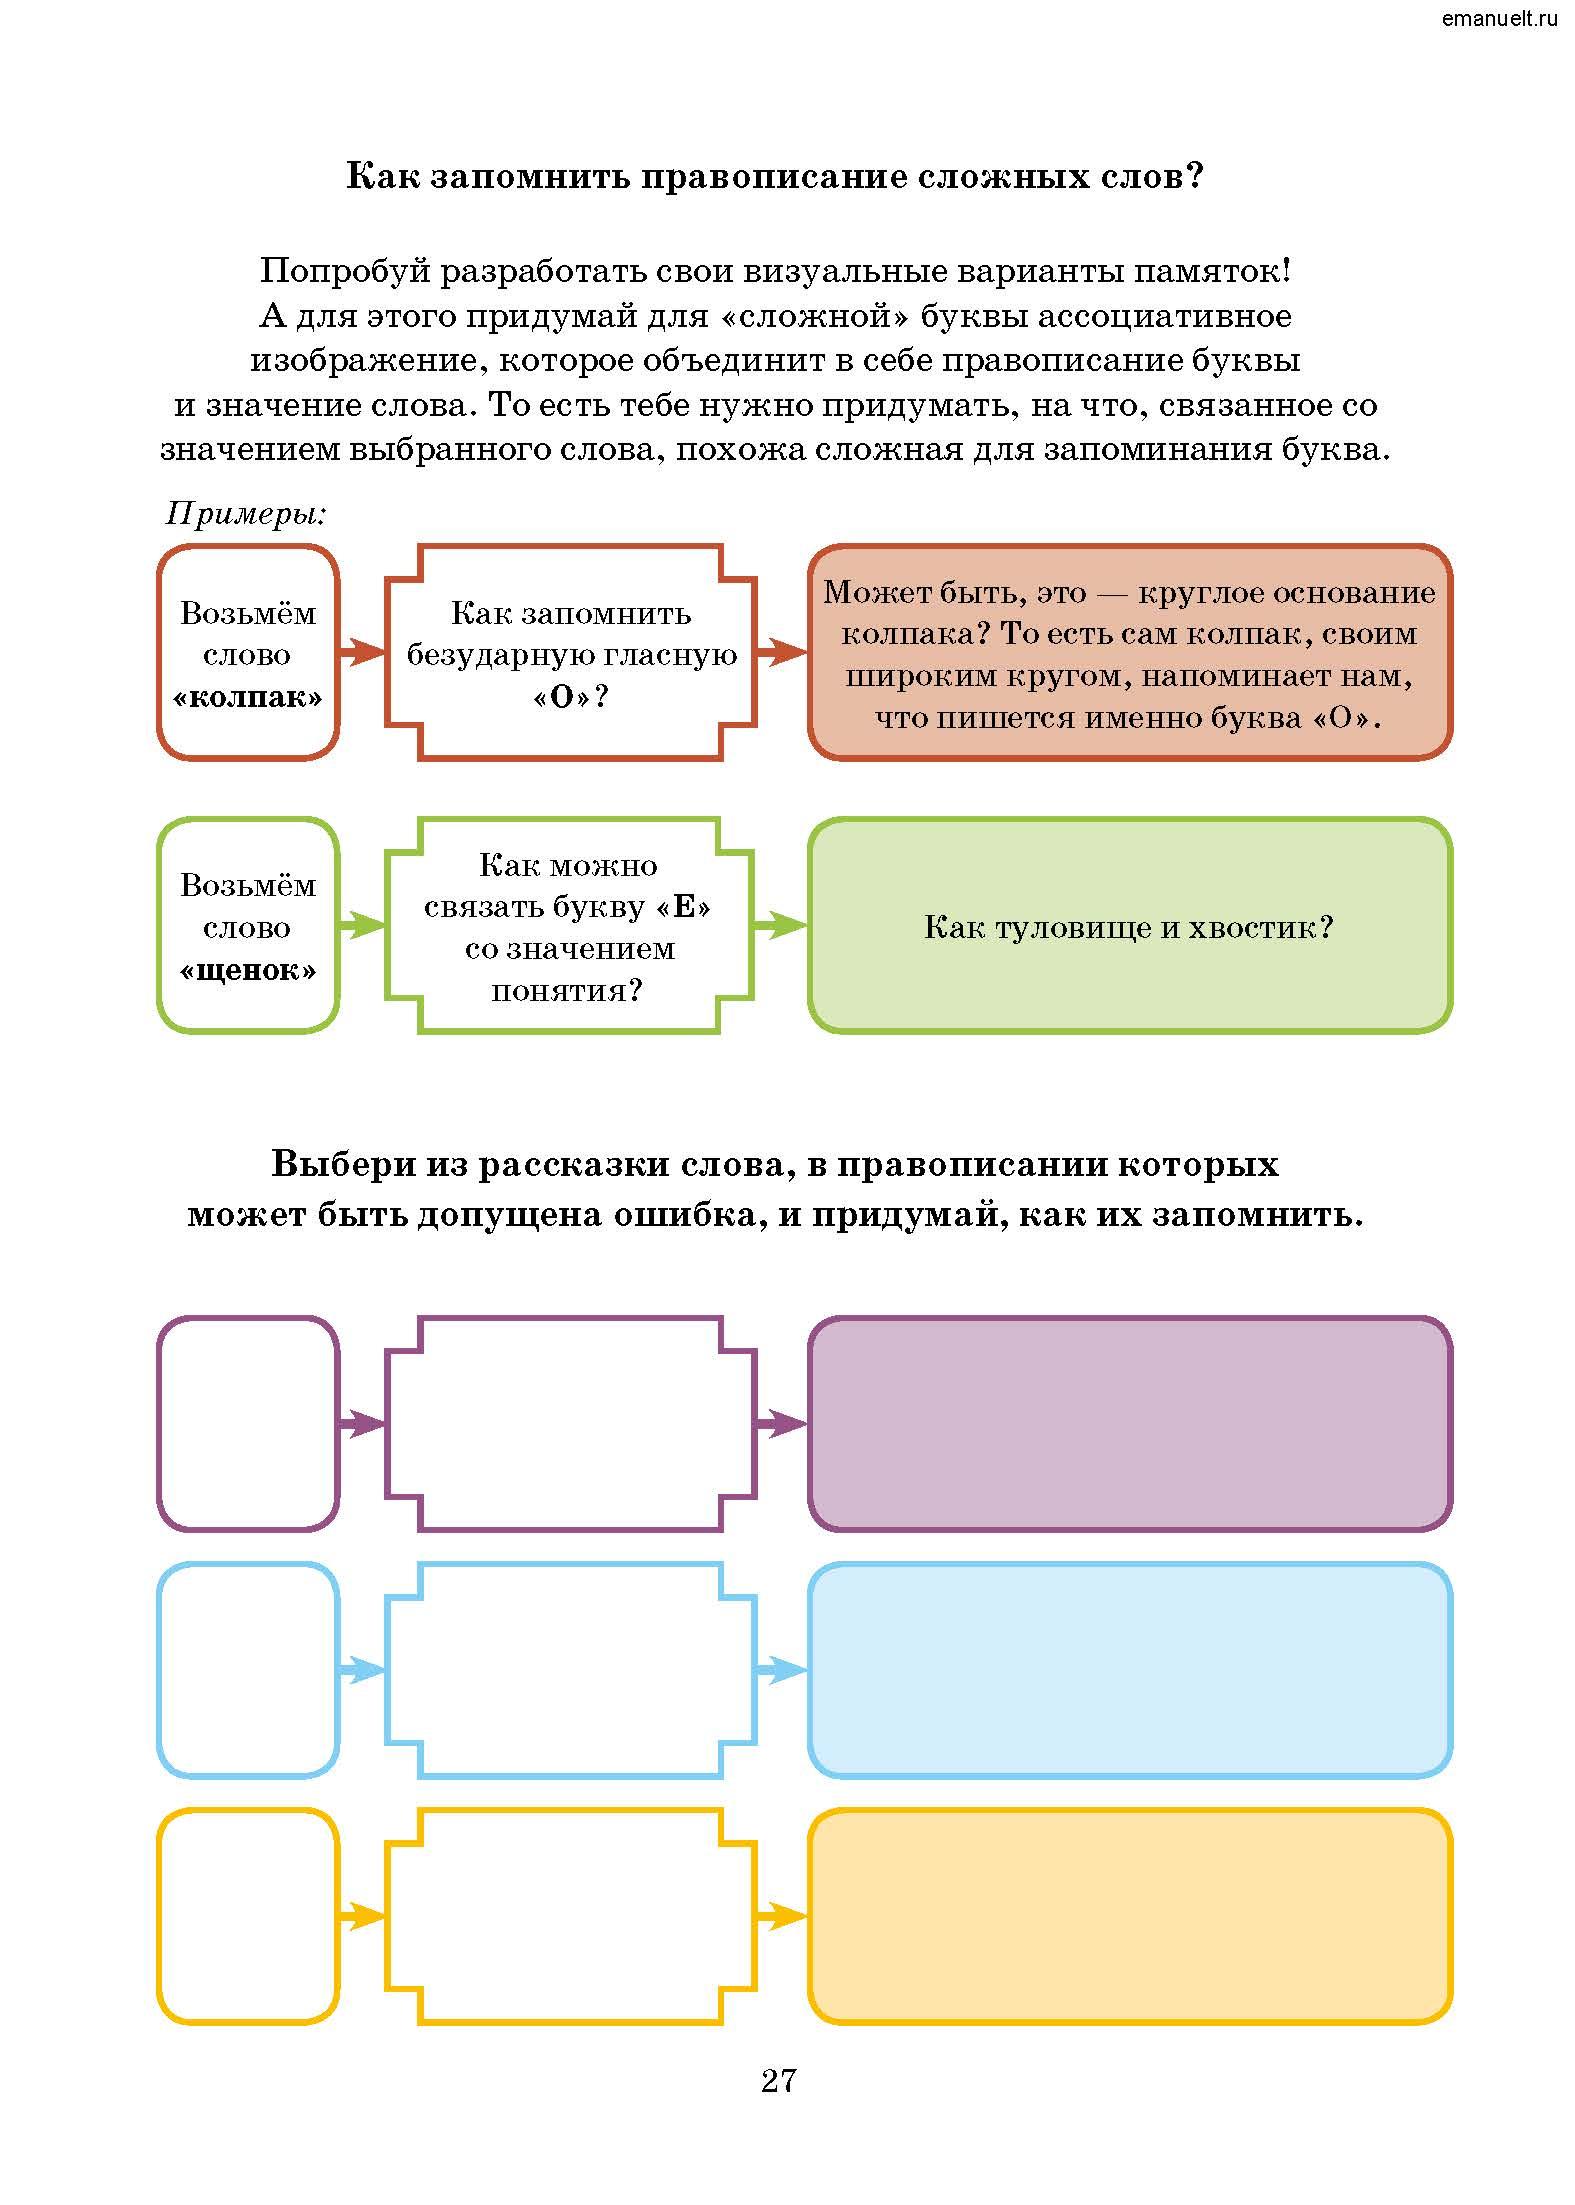 Рассказки в заданиях. emanuelt.ru_Страница_028